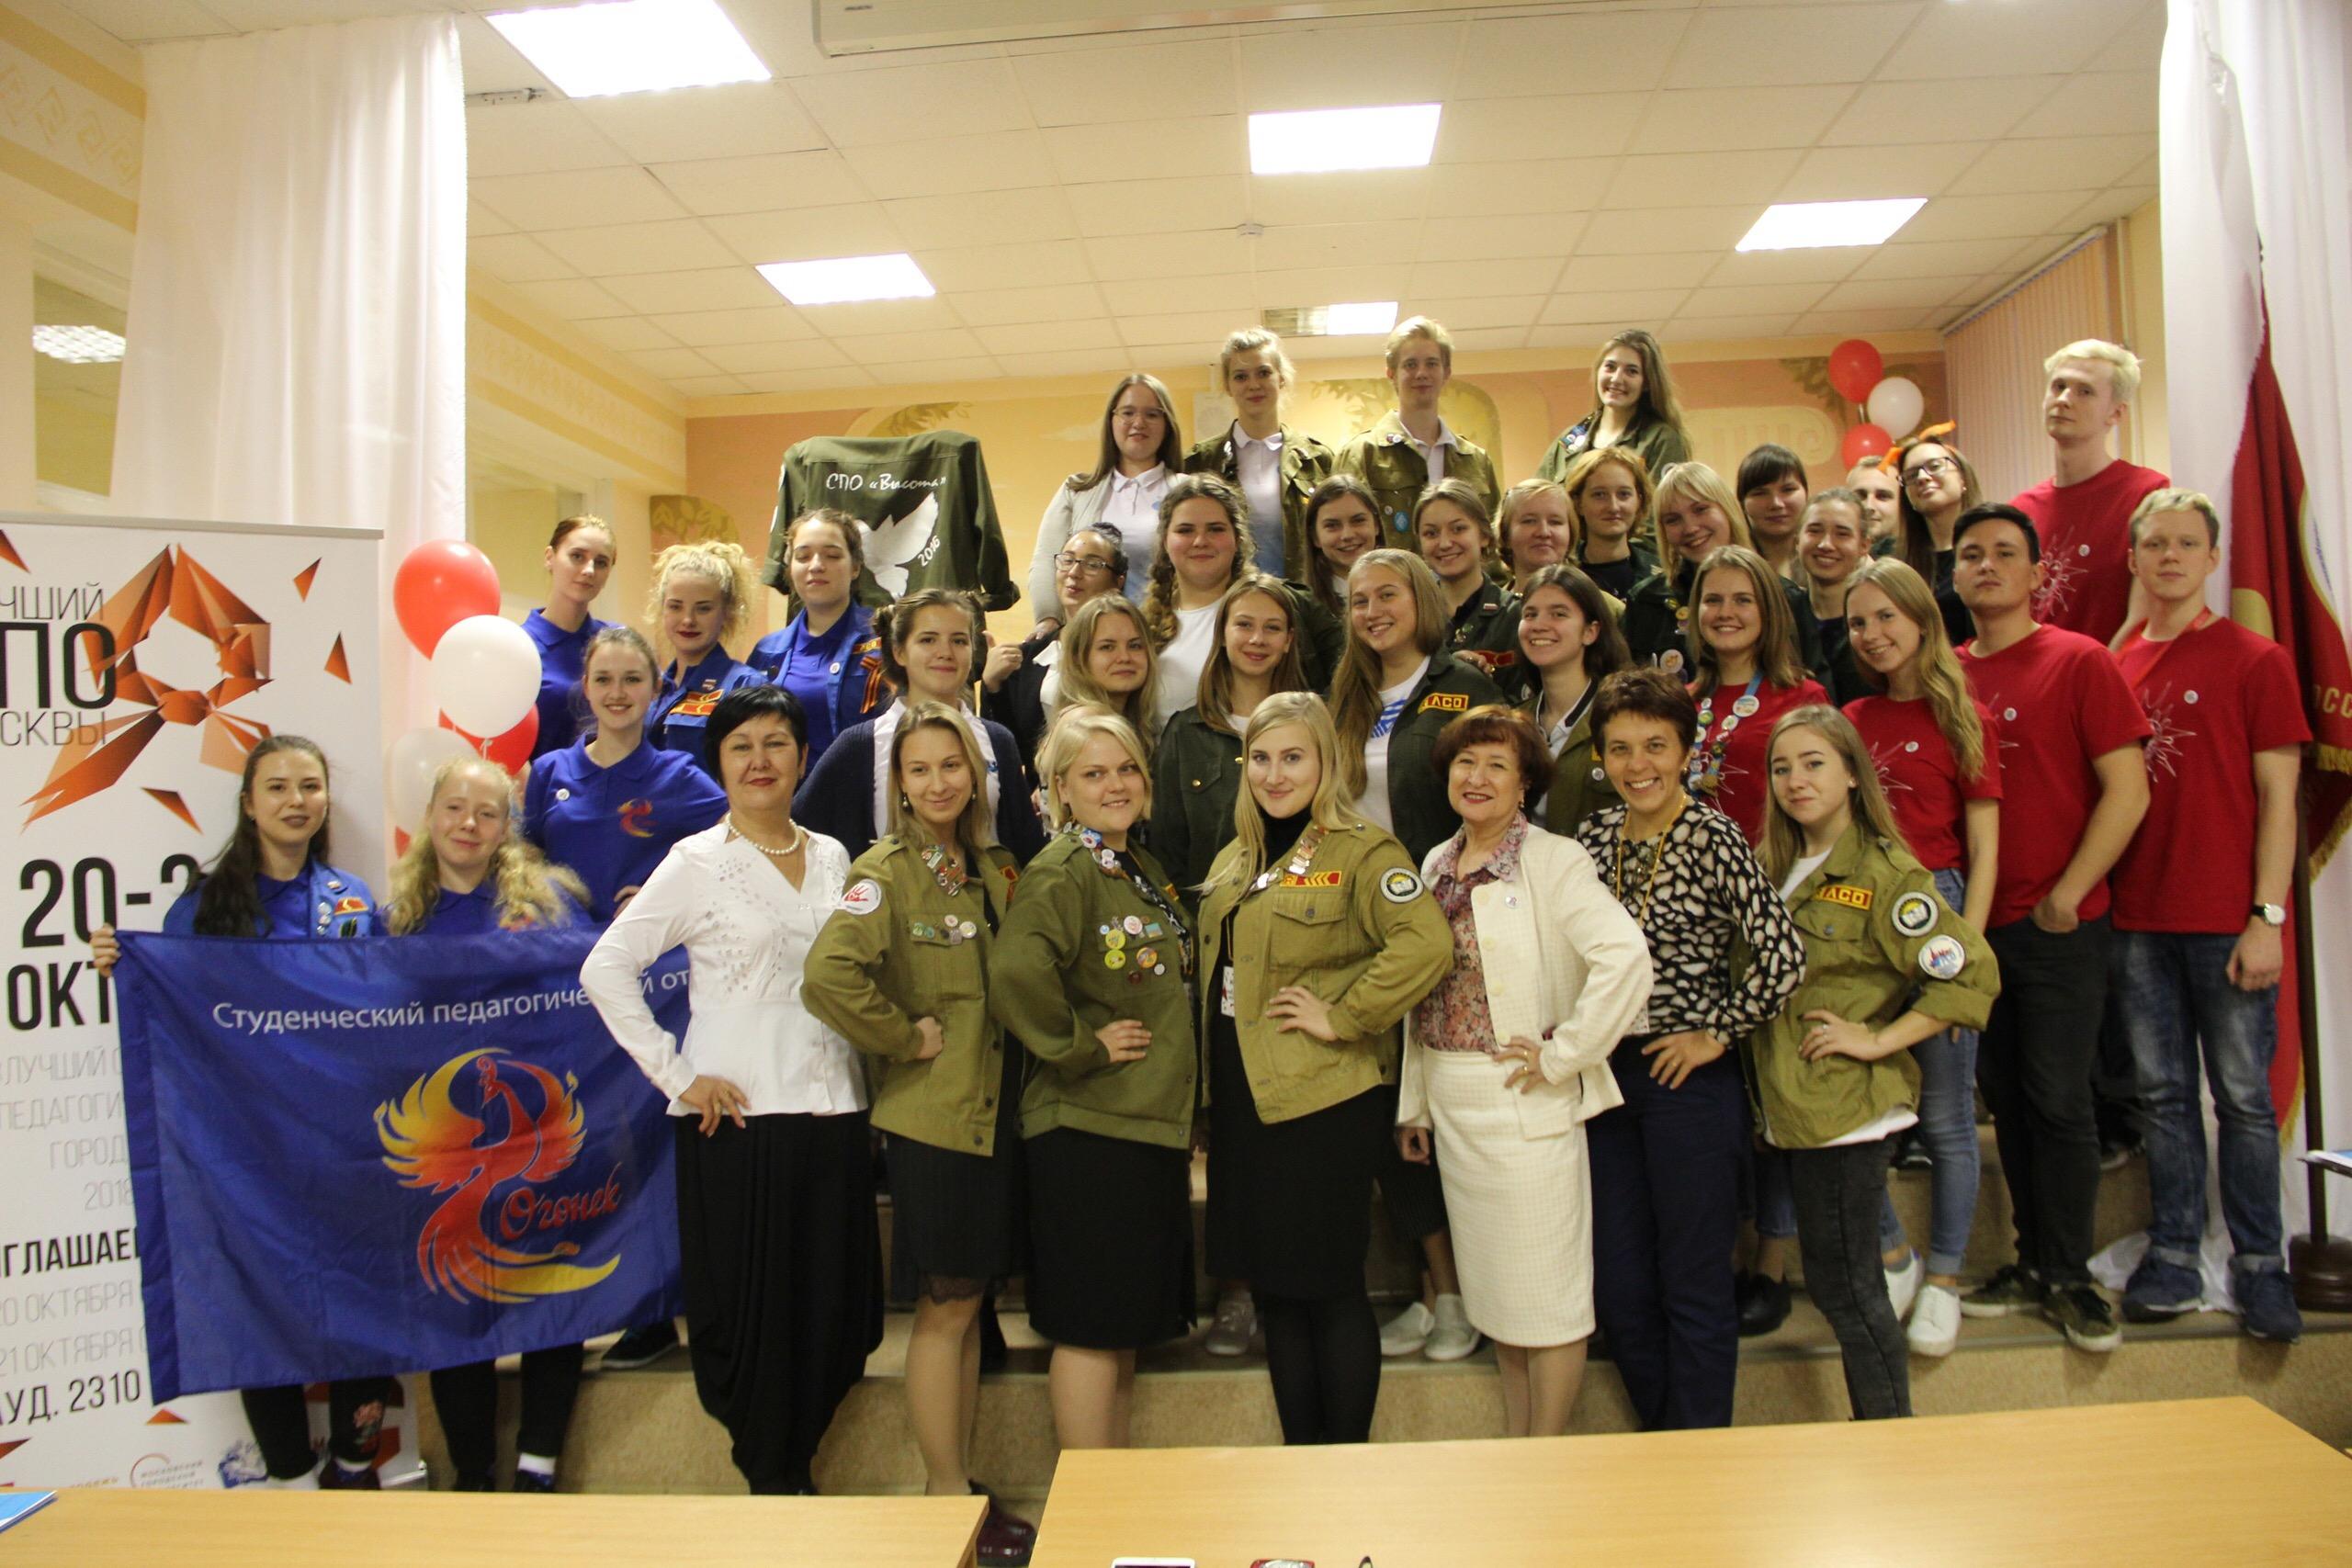 Конкурс на лучший студенческий педагогический отряд города Москвы